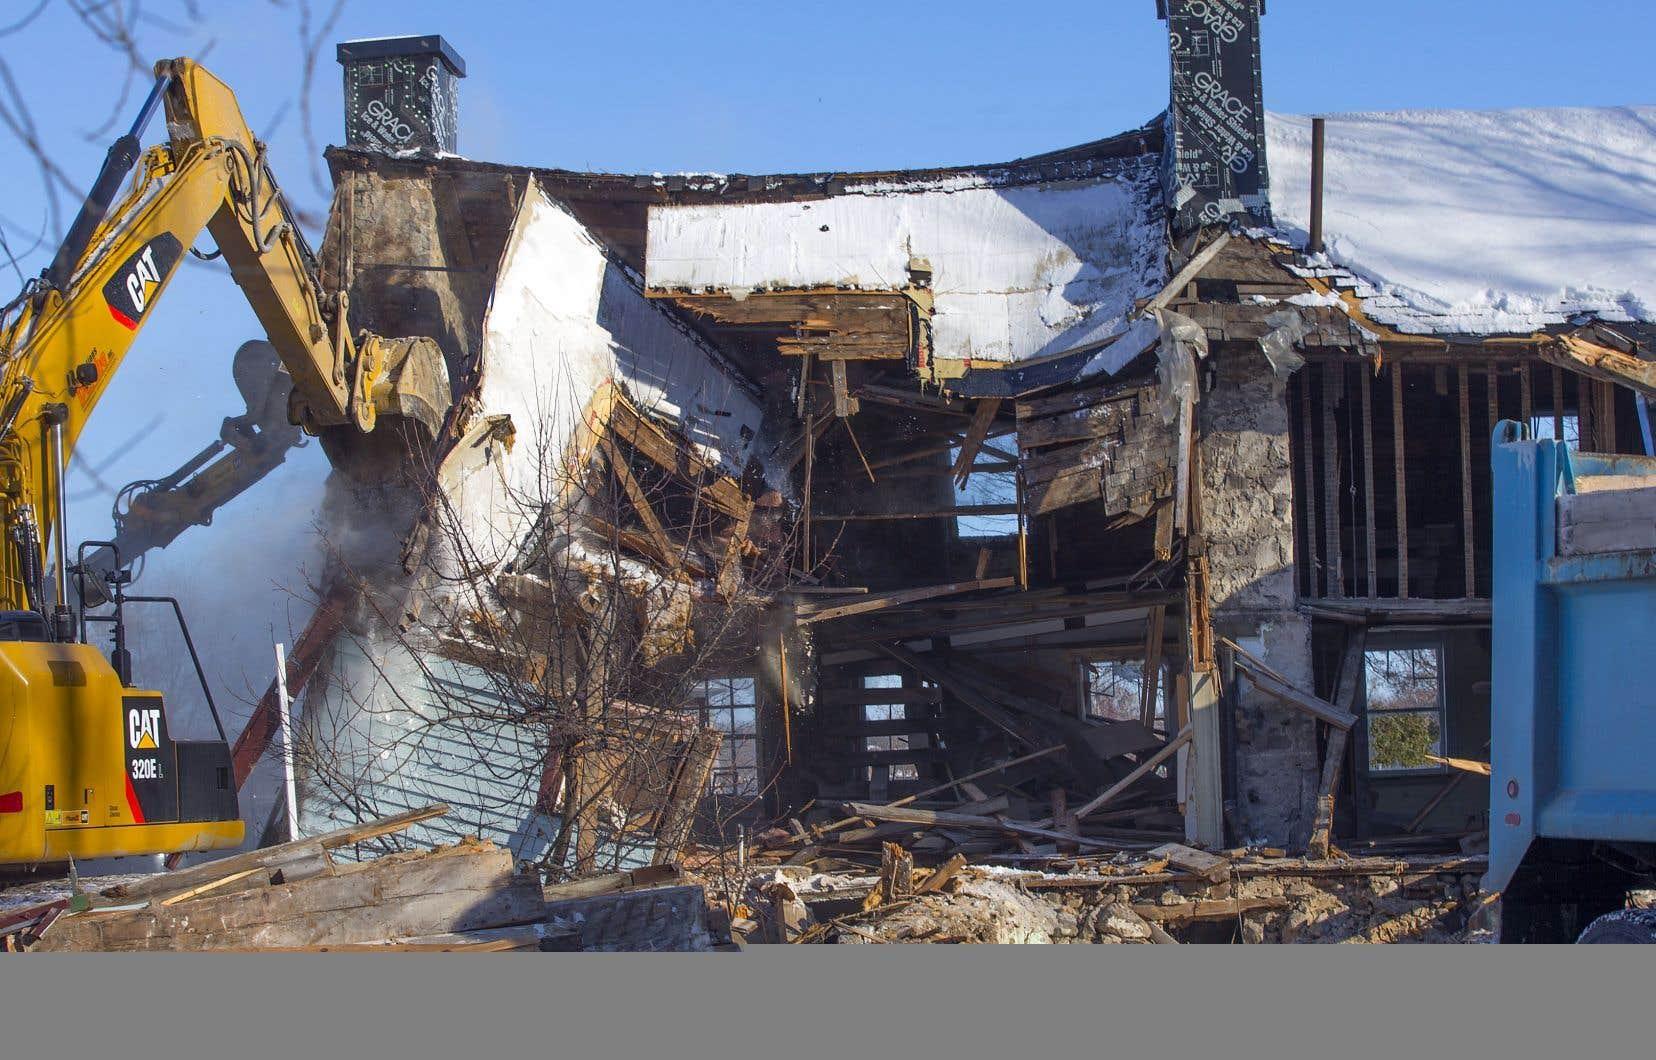 Destruction de la maison Boileau, à Chambly. Les événements de cet automne ont véritablement favorisé une prise de conscience populaire. De plus en plus, l'idée que le patrimoine est une ressource collective qui doit être protégée a fait, pour le mieux, son chemin dans les esprits.